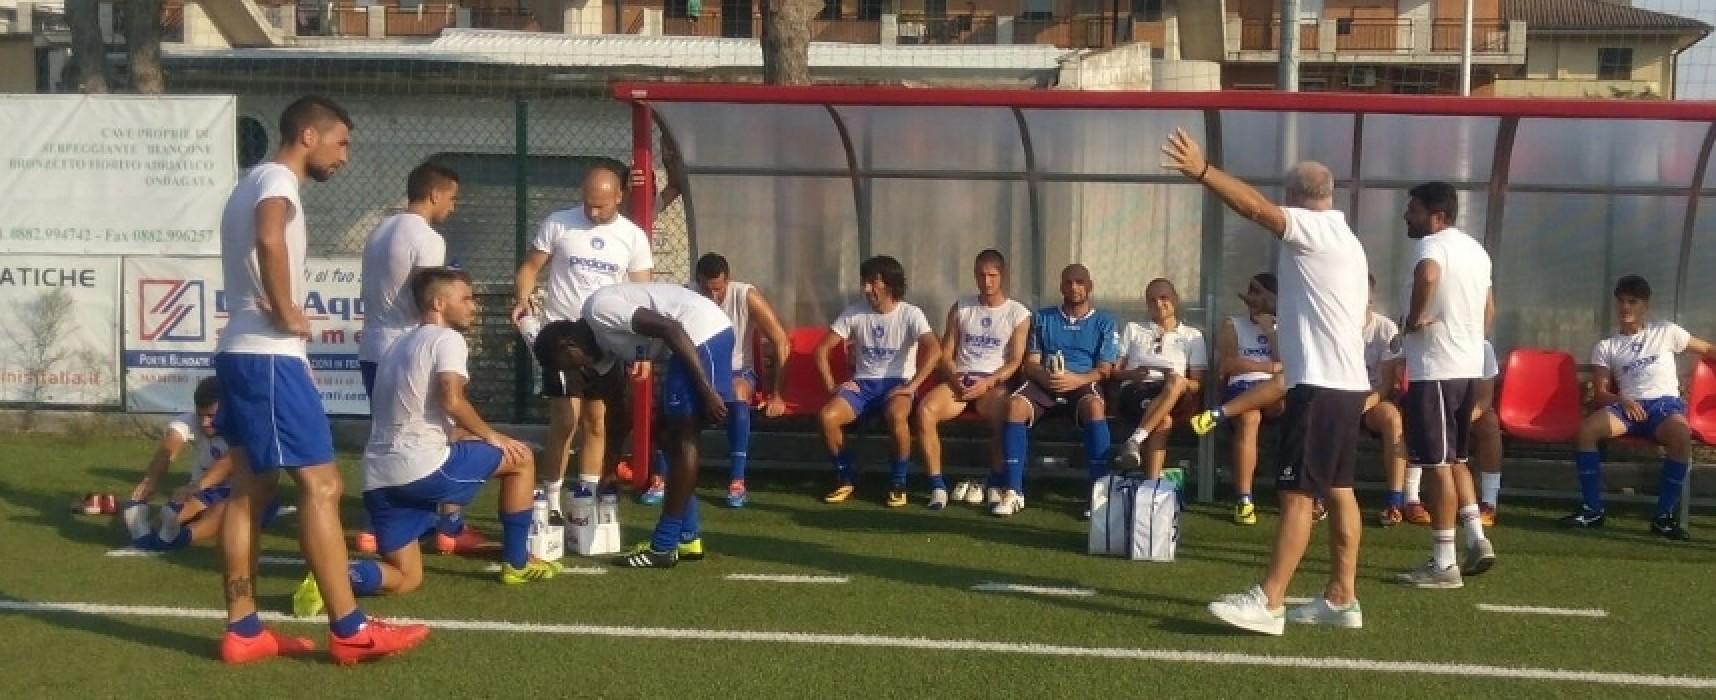 Unione Calcio, a Grottaglie con l'obiettivo di ritrovare il successo